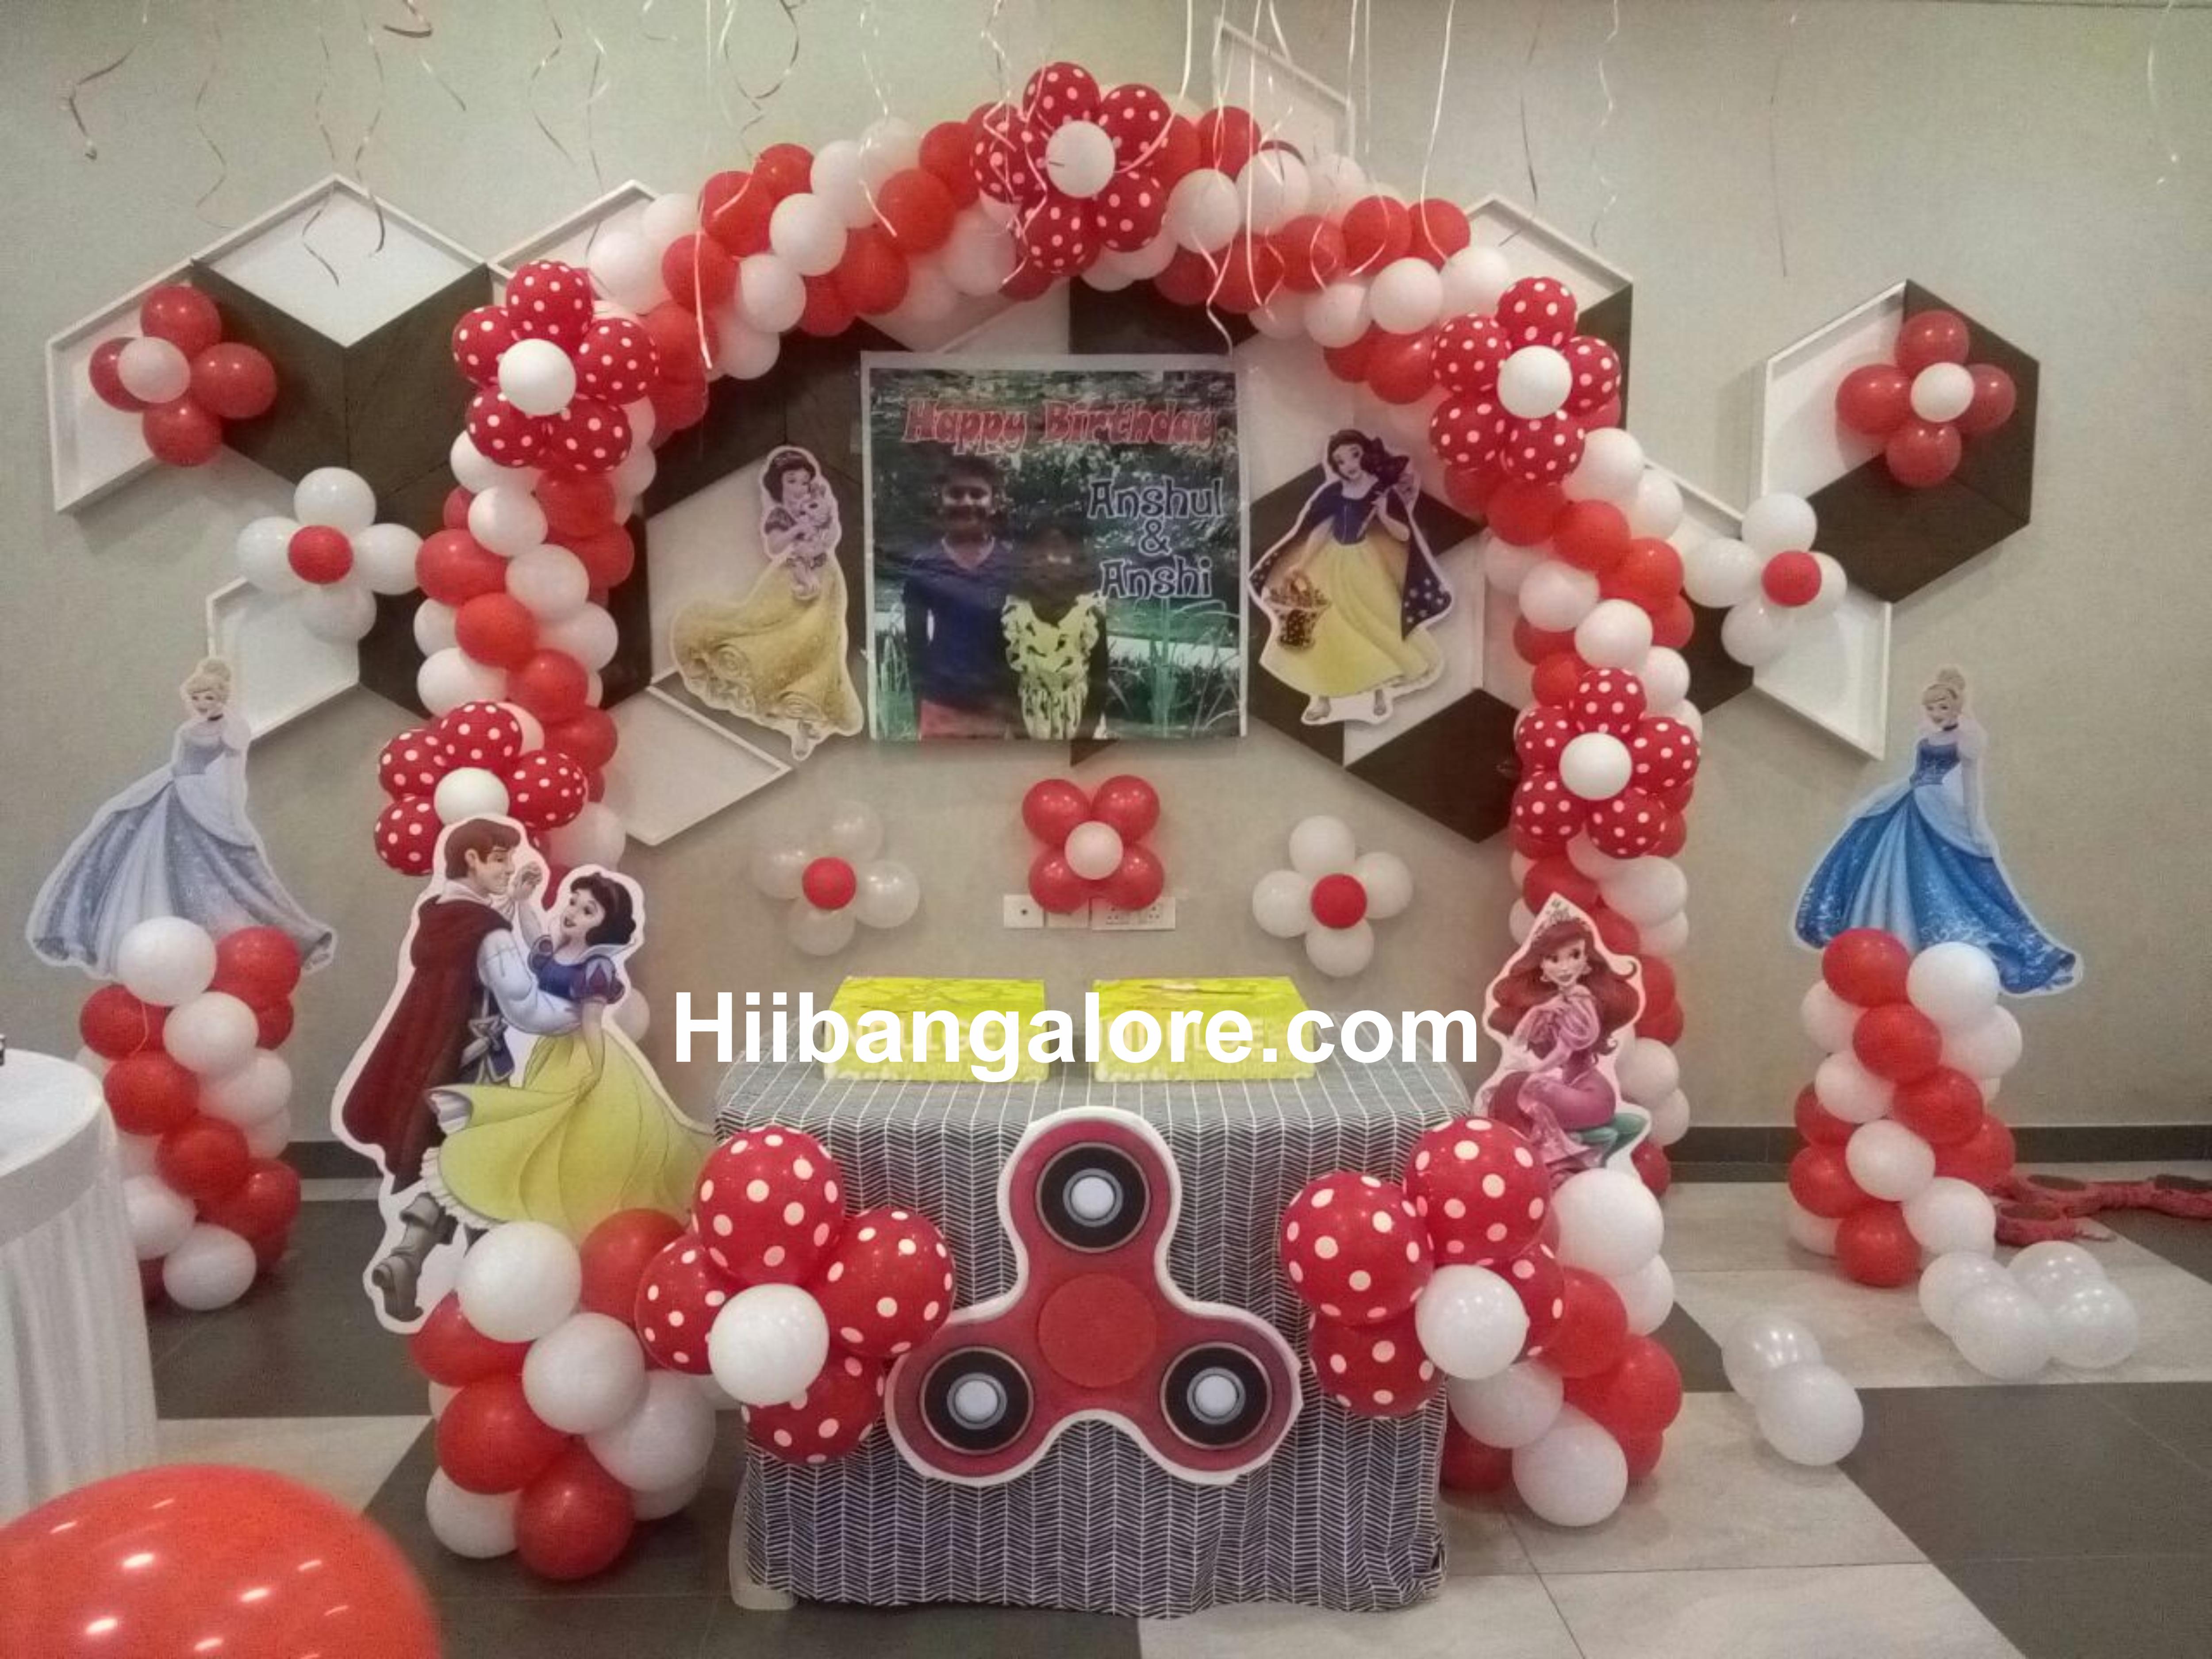 widget spinner theme birthday decoration